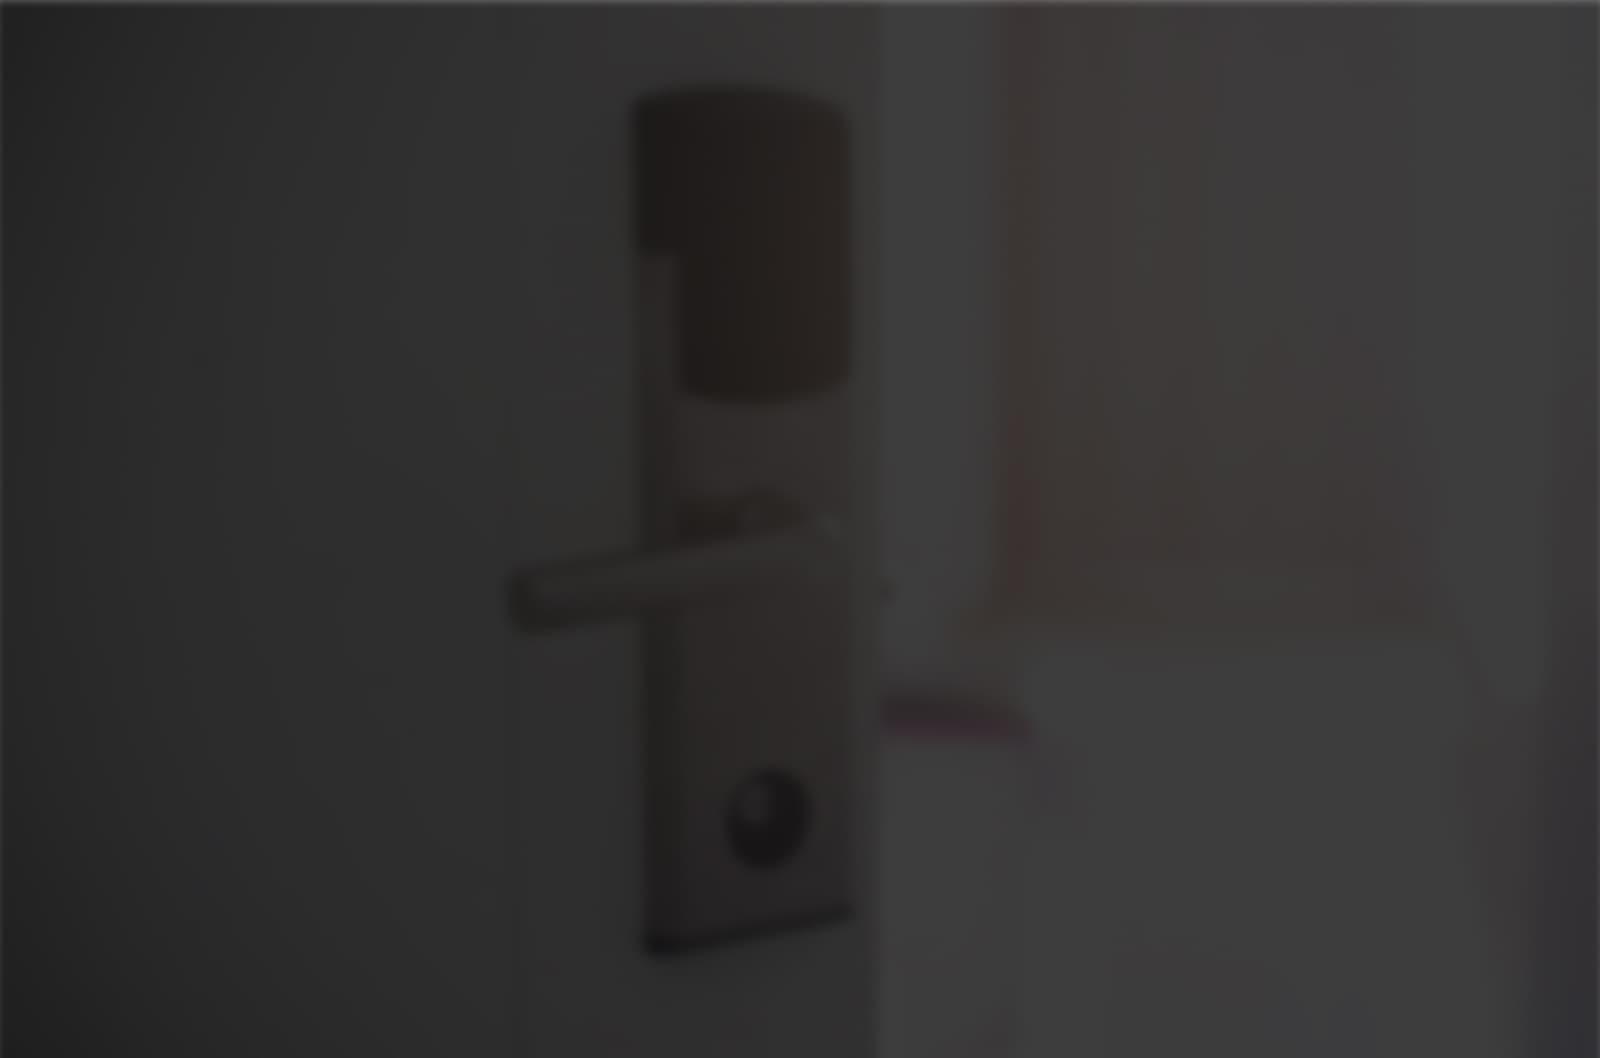 the door with a smart lock